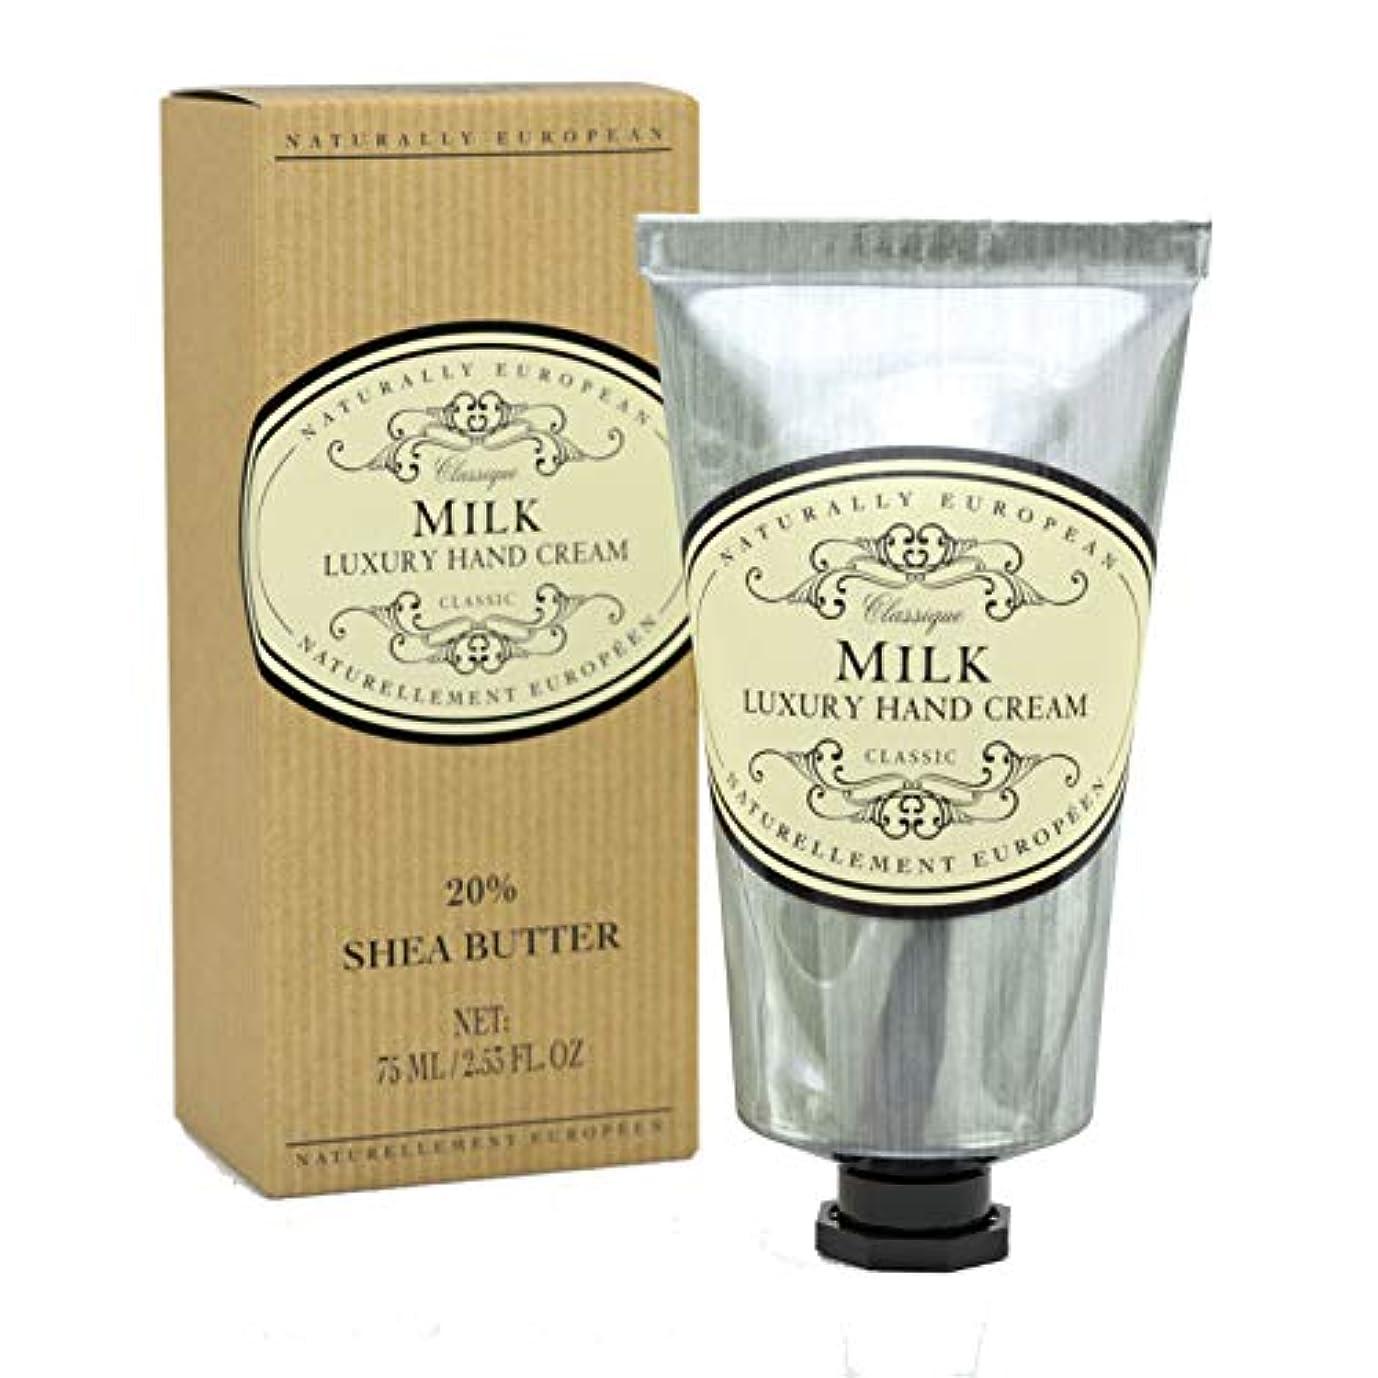 マルクス主義慢ばかNaturally European Milk Luxury Hand and Nail Cream 75ml